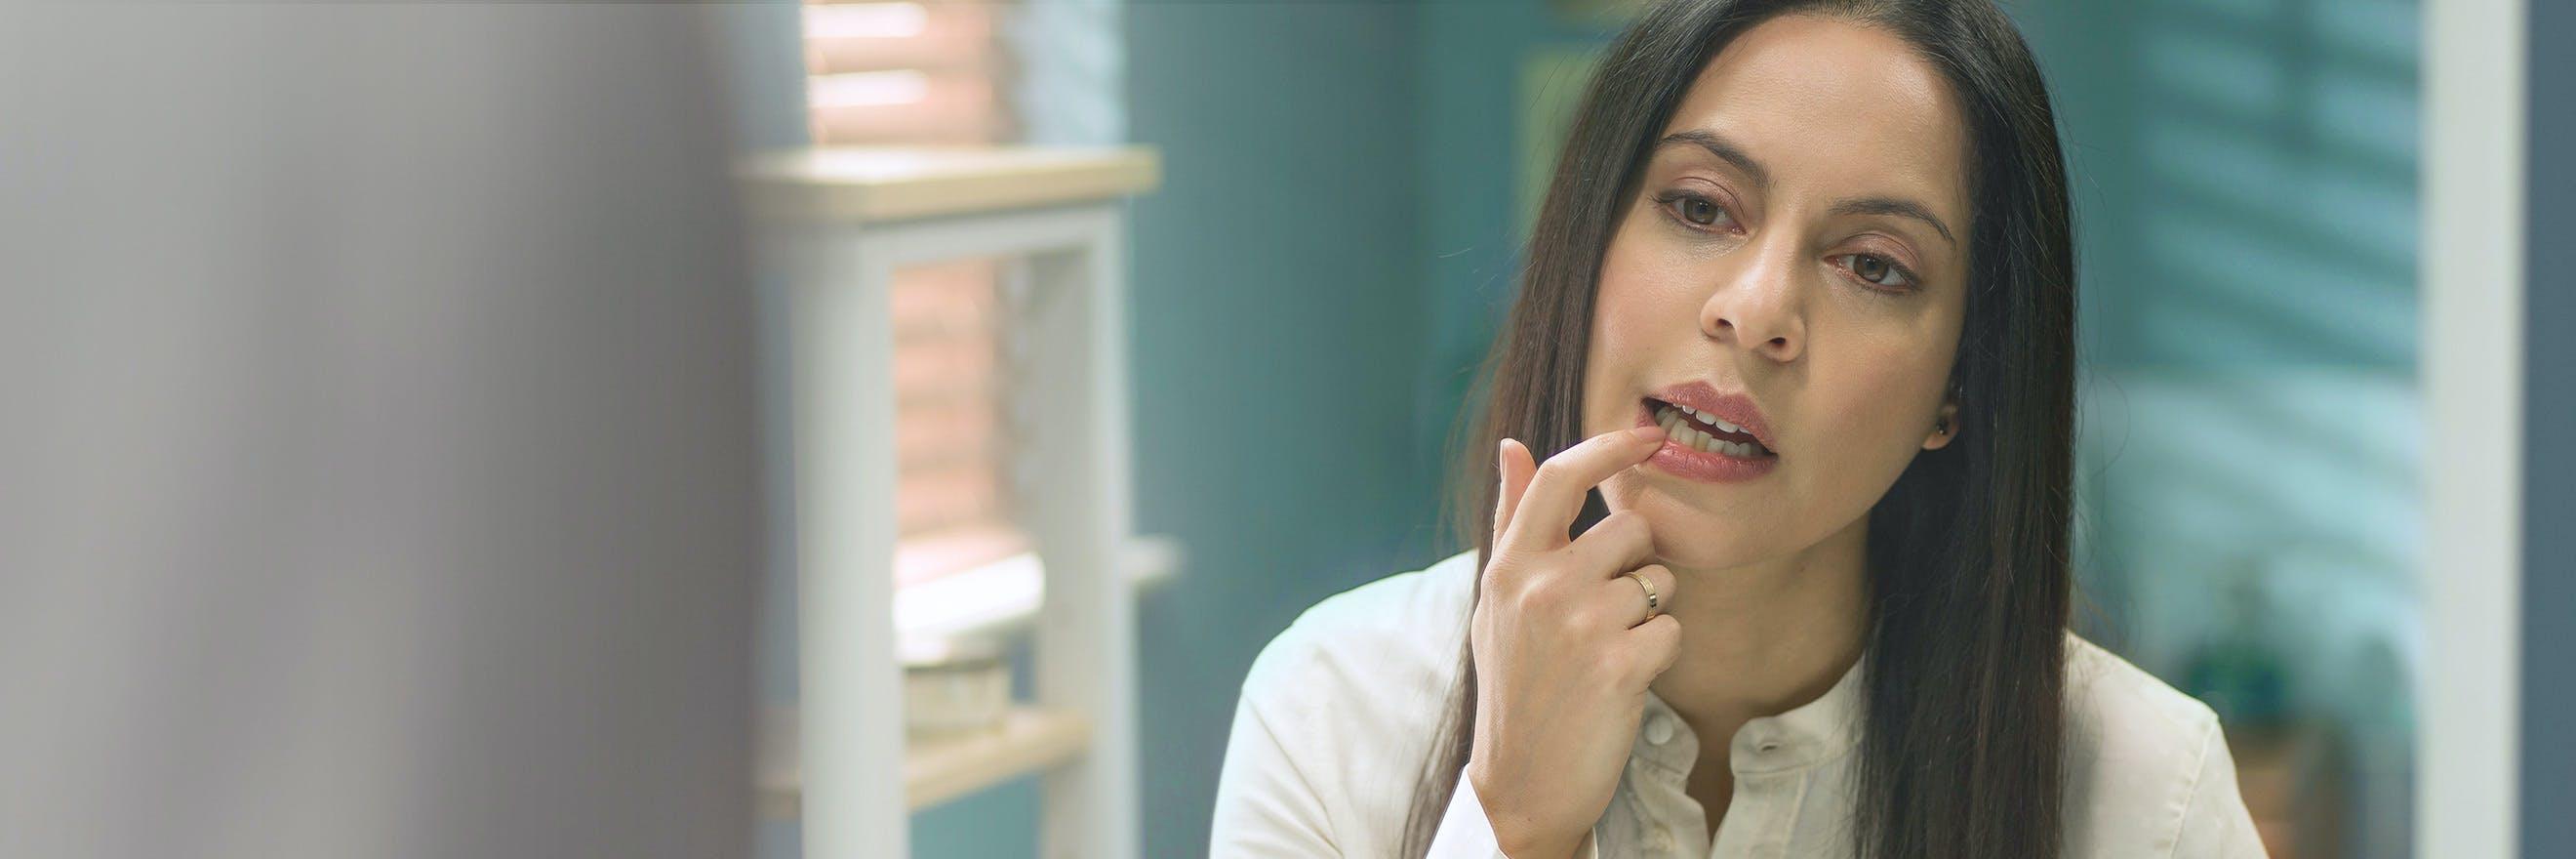 سيدة تنظف أسنانها بالفرشاة